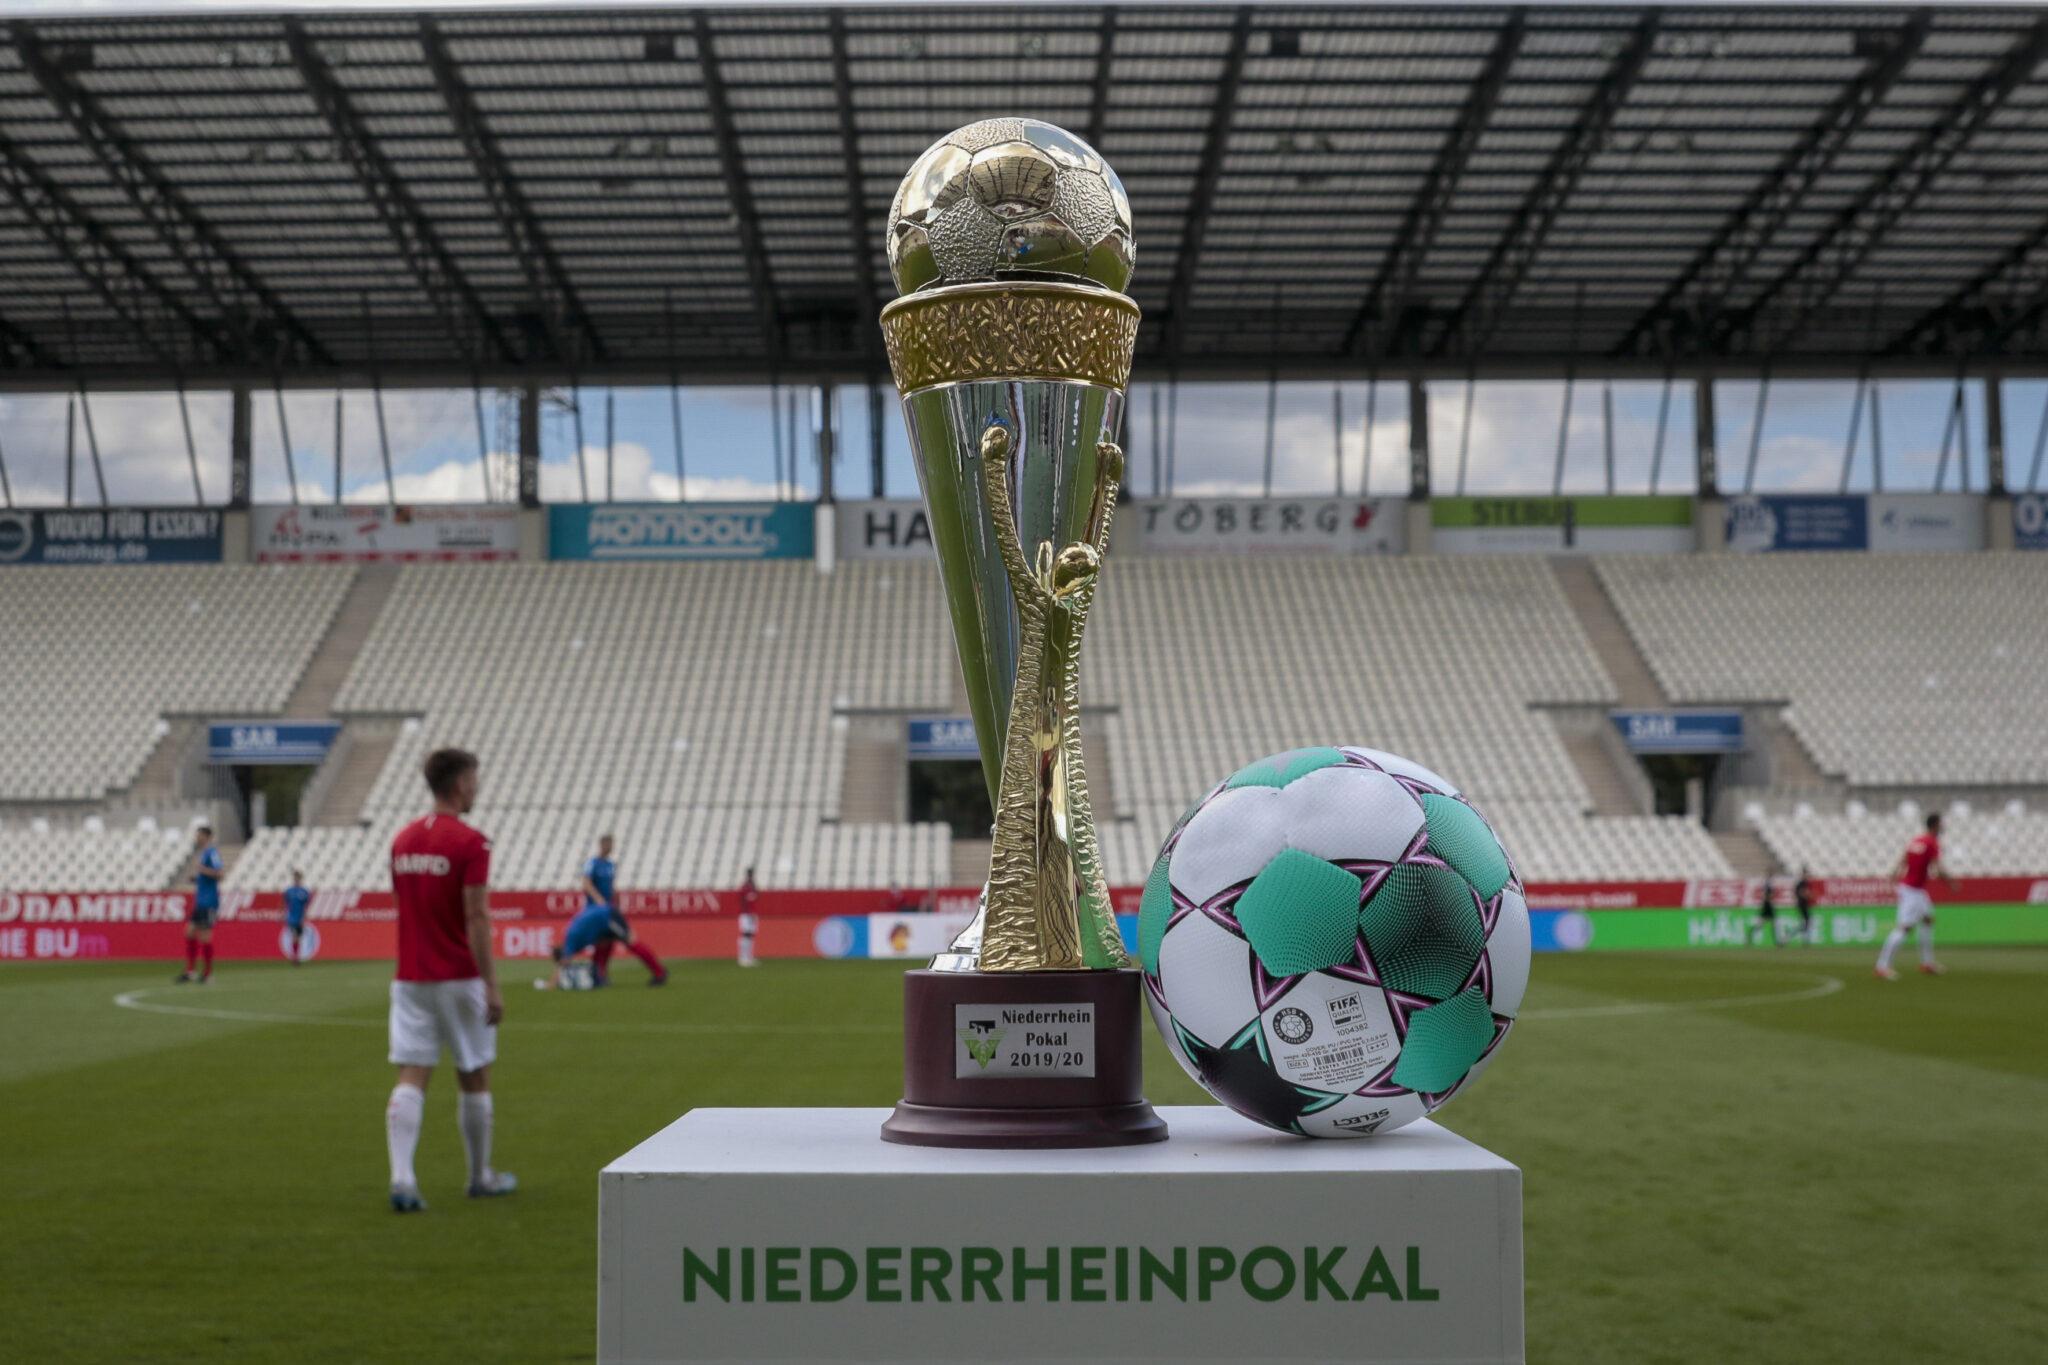 Niederrheinpokal: Erste Runde angesetzt – Rot-Weiss Essen